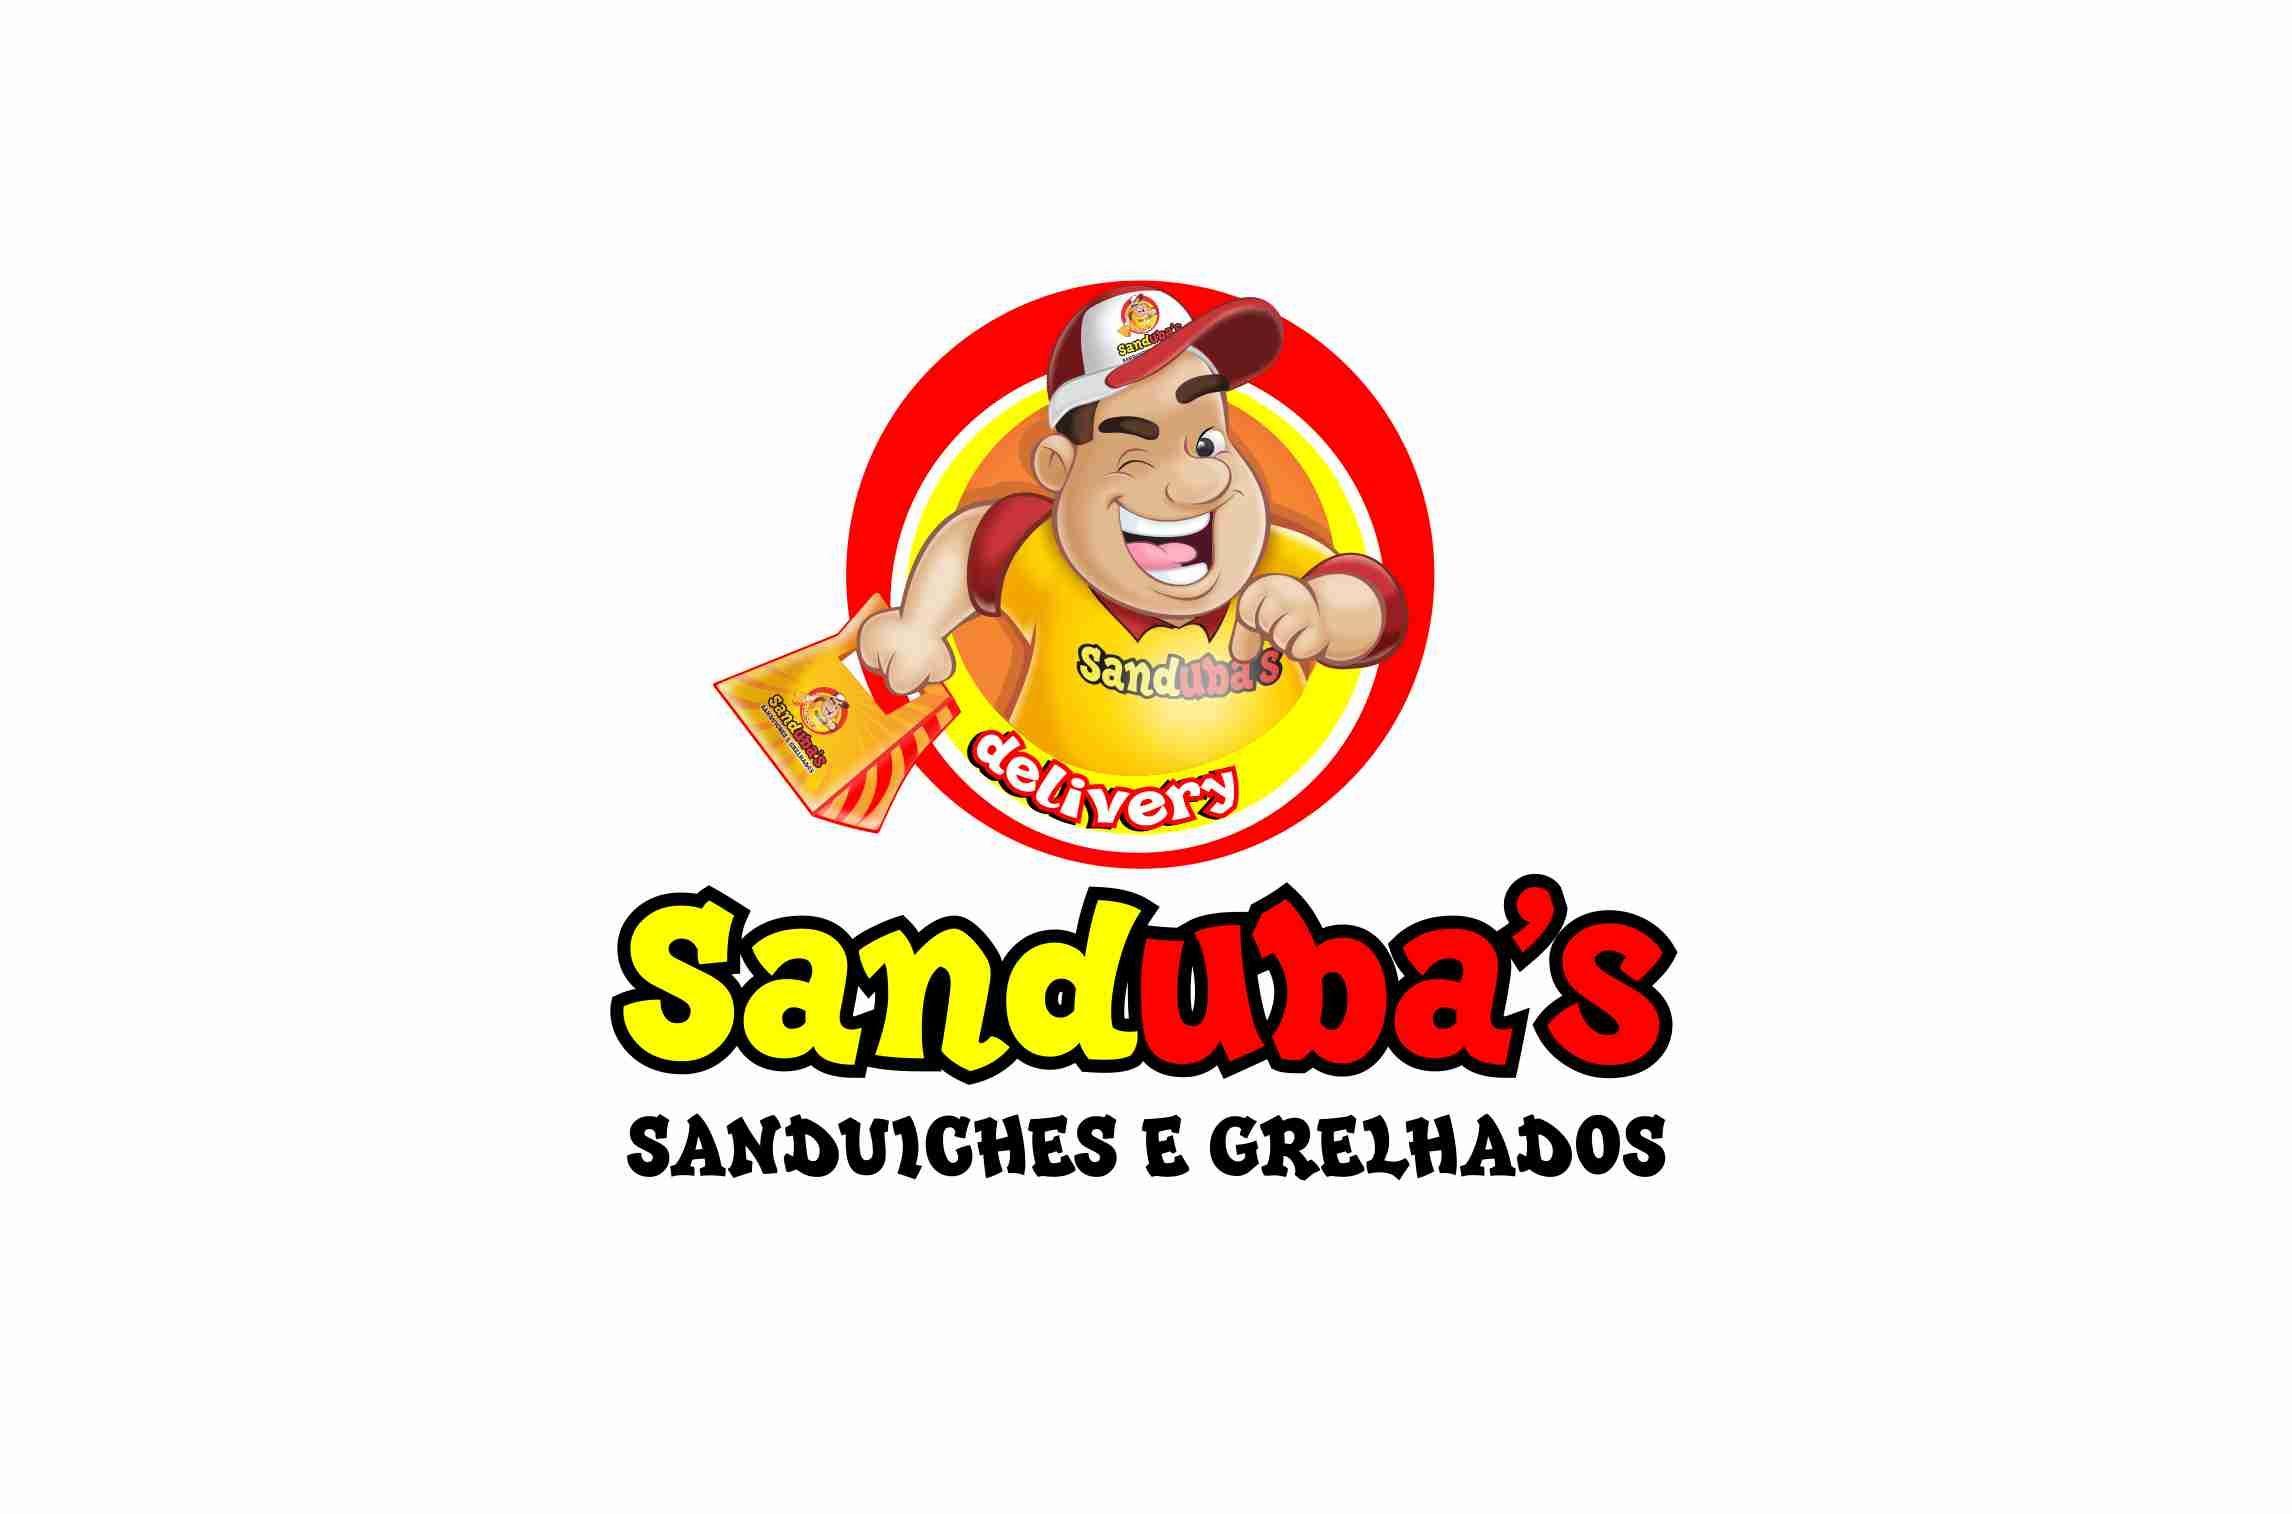 Marca Sanduba's